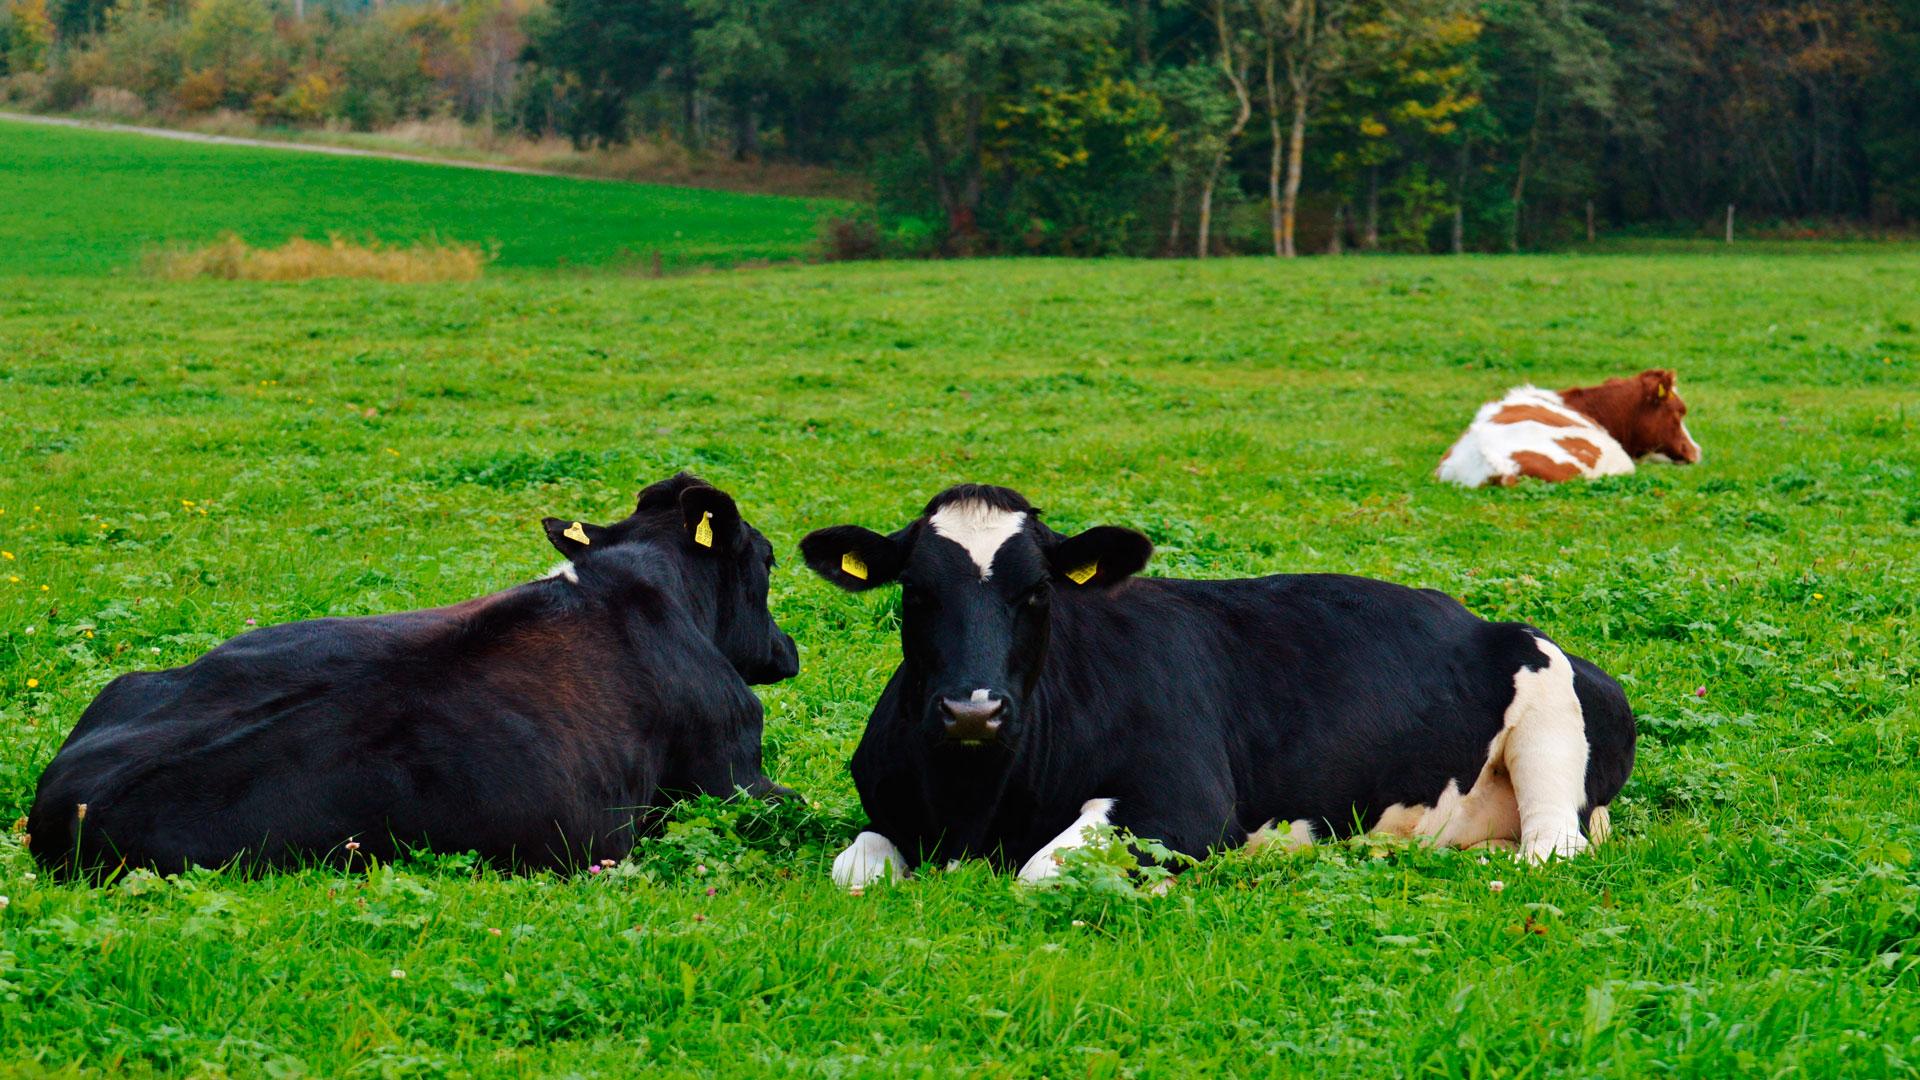 PROHÍBIDO-El-uso-de-antibióticos-en-los-animales-de-granja-1920